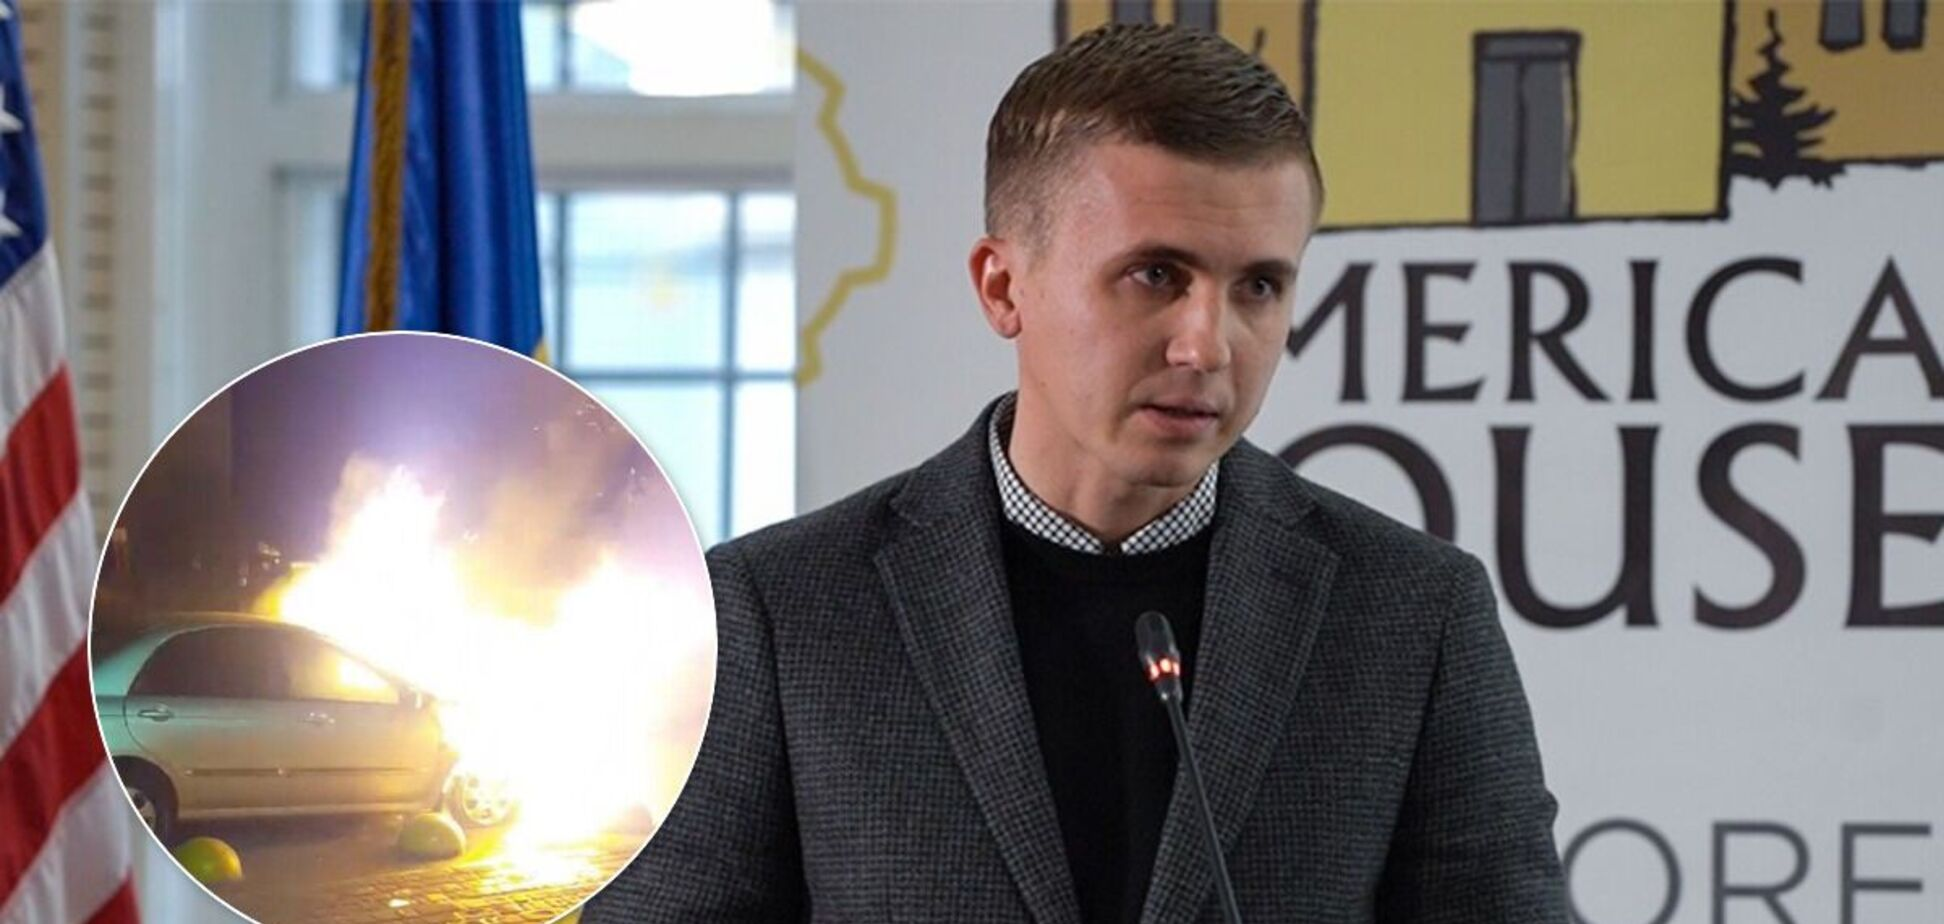 Журналист Ткач сообщил о поджоге рабочего автомобиля